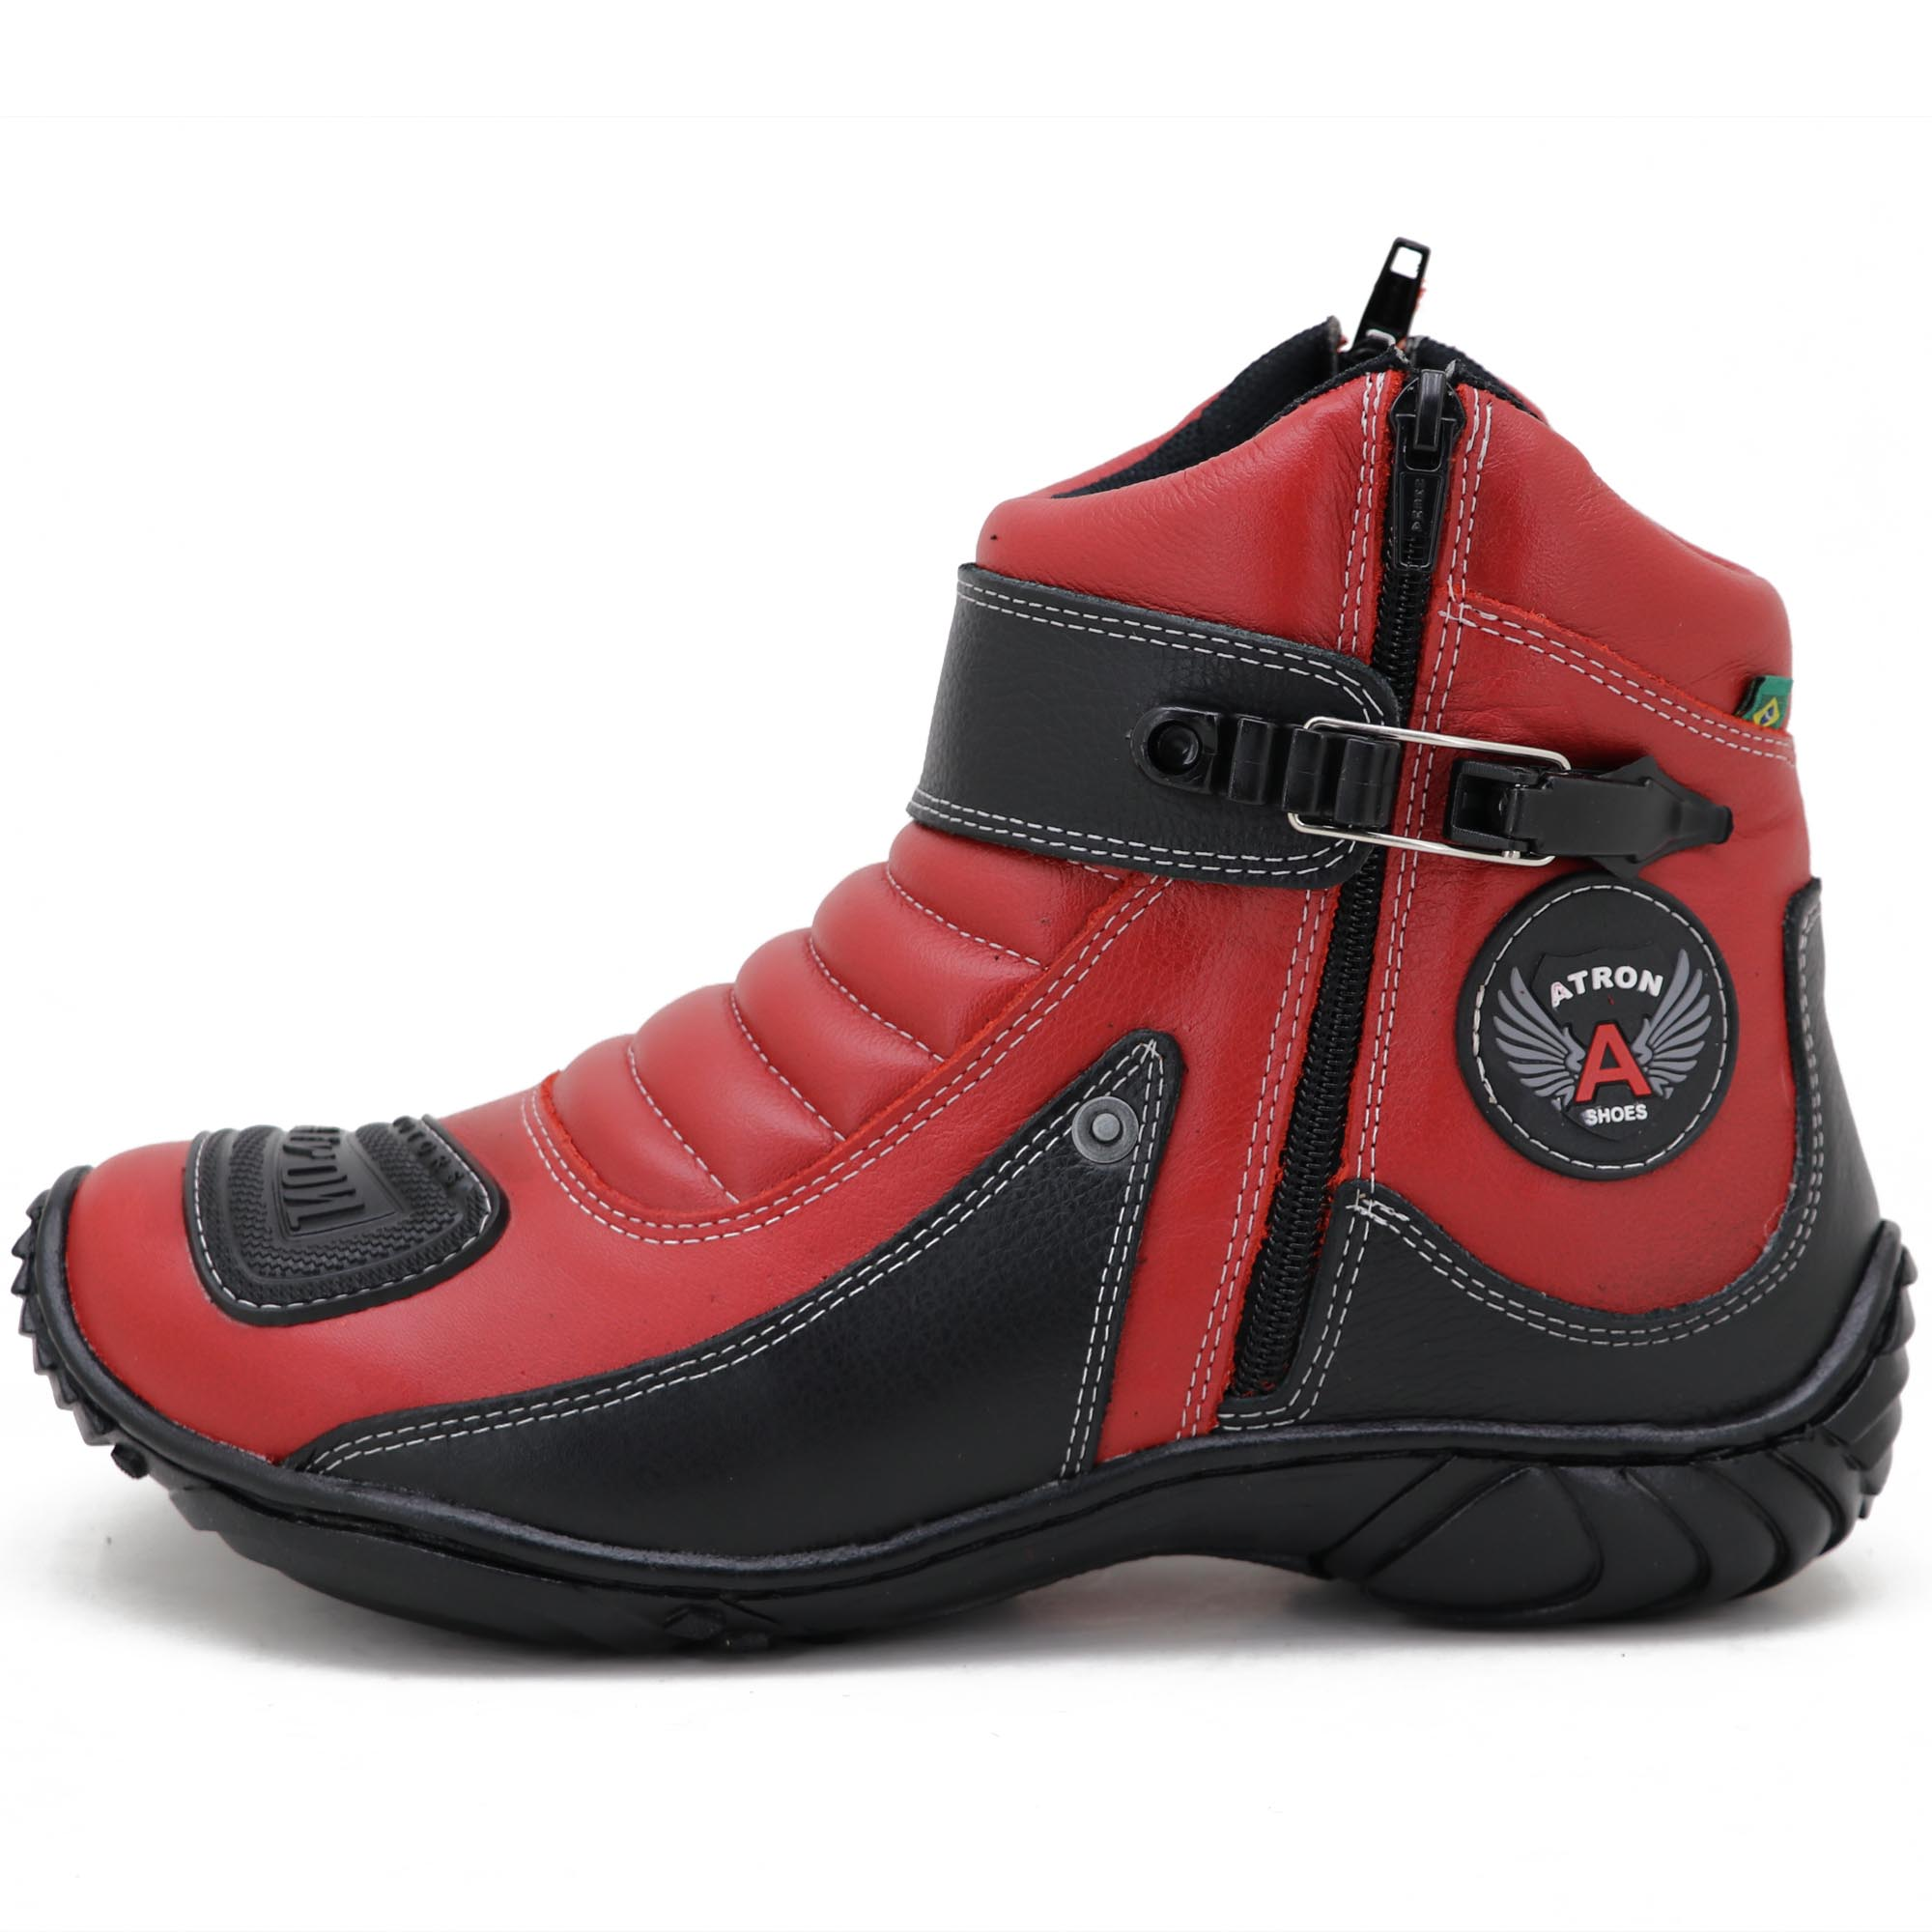 Bota de motociclista em couro legítimo nas cores vermelho e preto 304